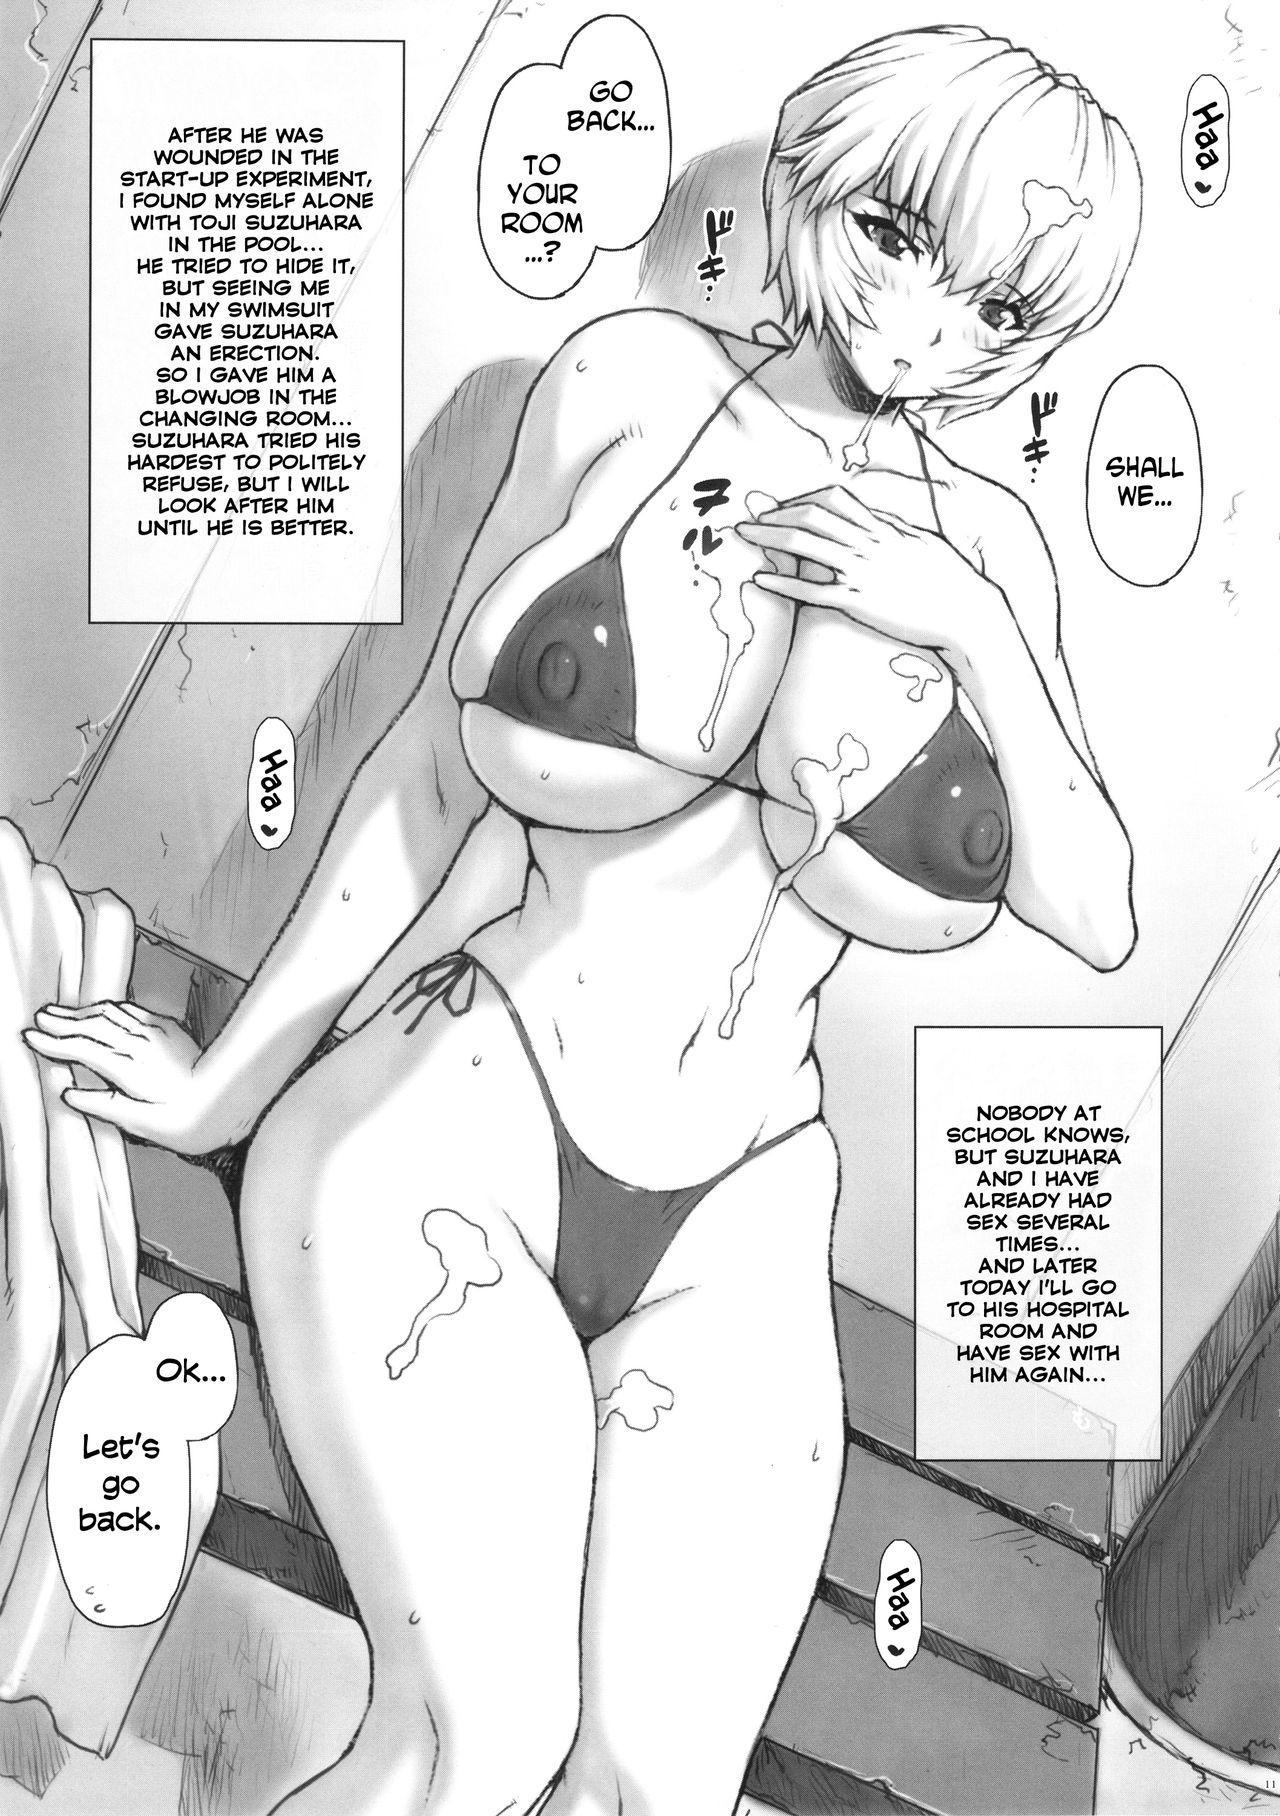 Ayanami Dai 6 Kai 15